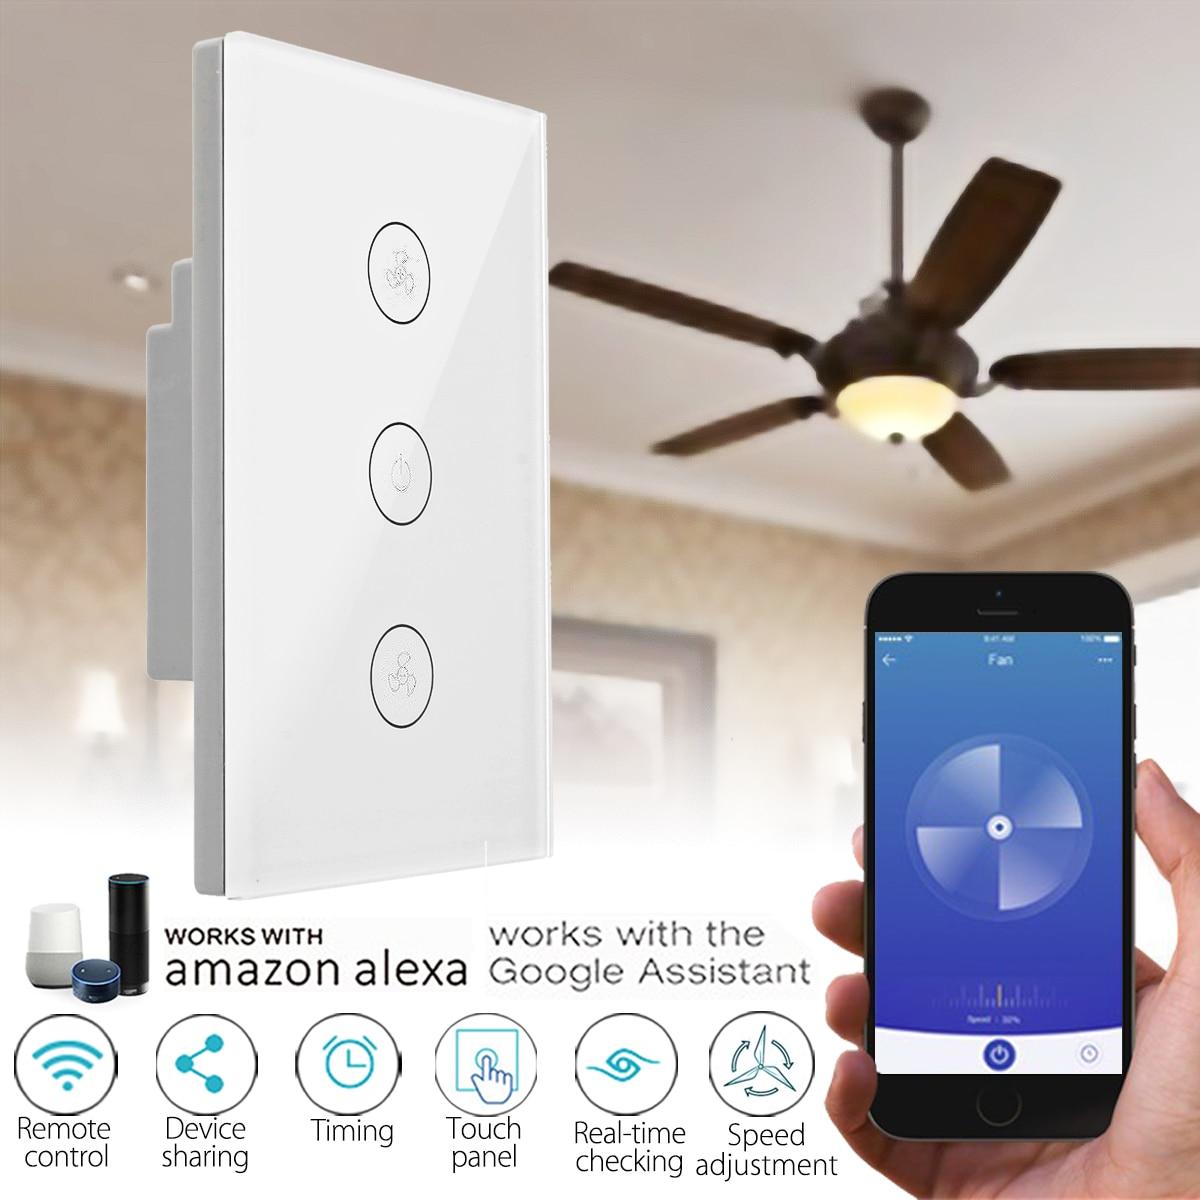 Standard DEGLI STATI UNITI 400 w 10A WIFI Intelligente Parete Interruttore Ventilatore A Soffitto Controller Touchs Lavoro Pannello con Alexa Google Casa